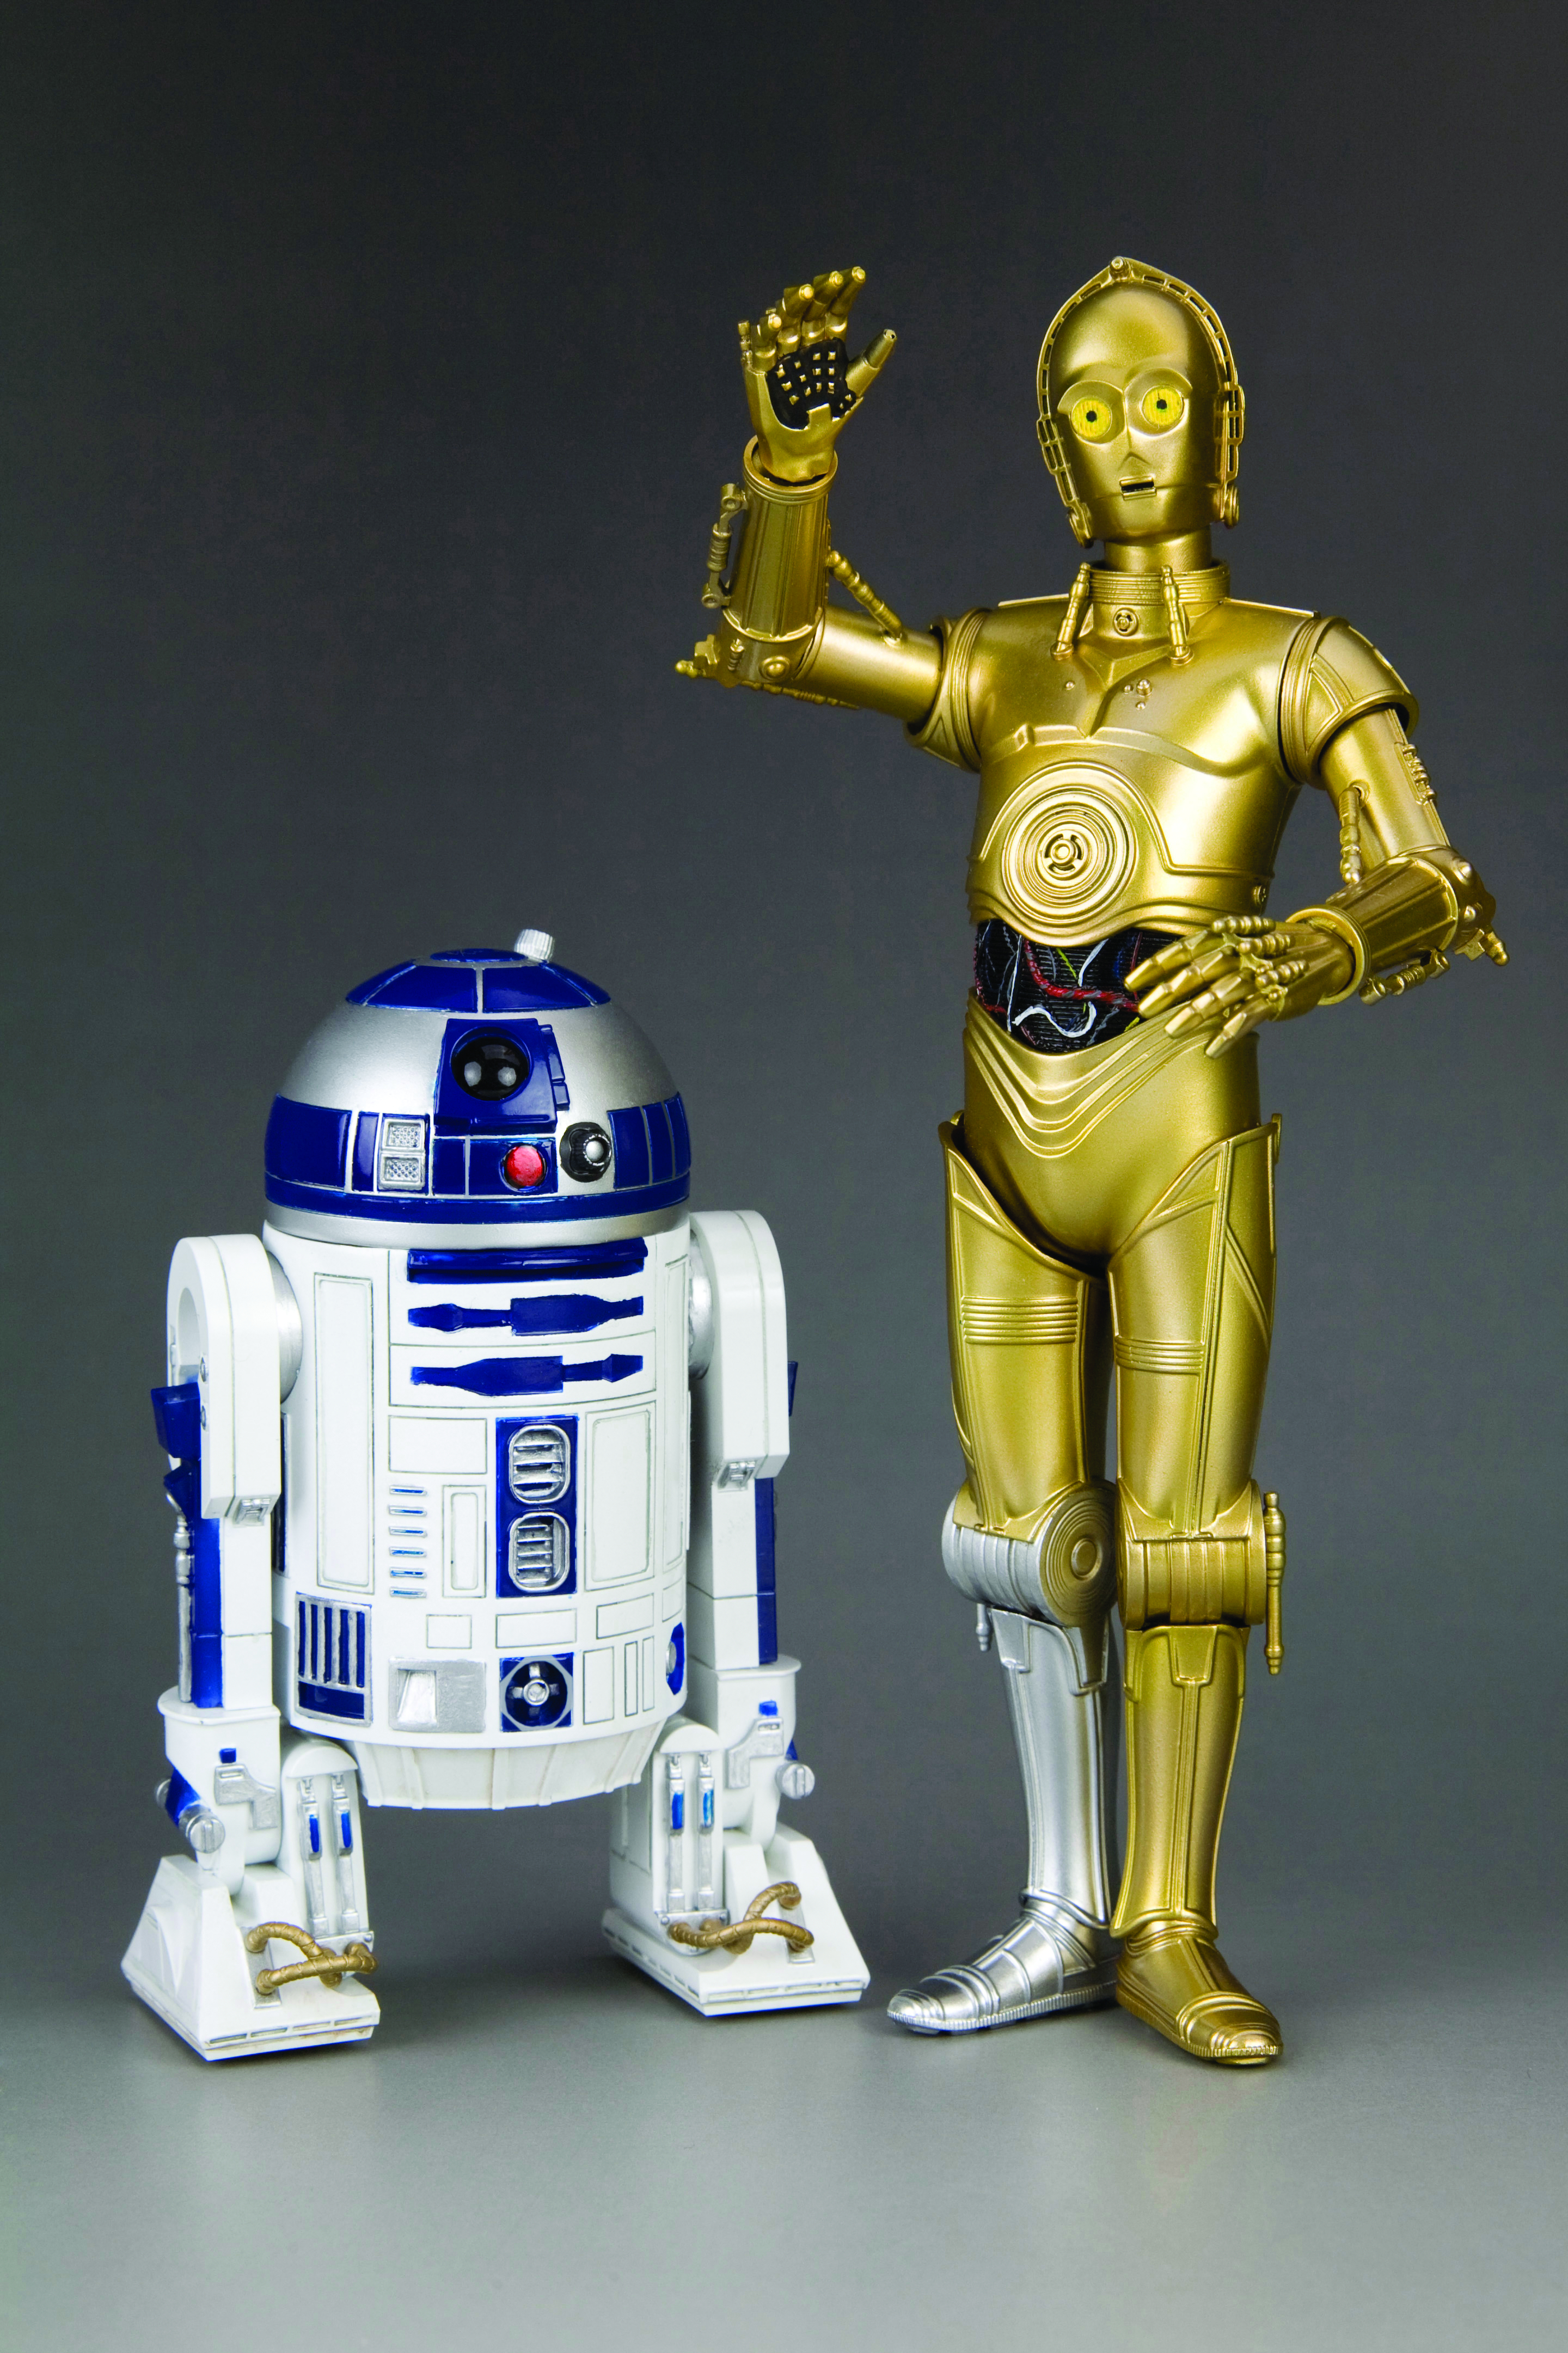 R2d2 And C3po Toys : Aug sw c po r d artfx statue pk previews